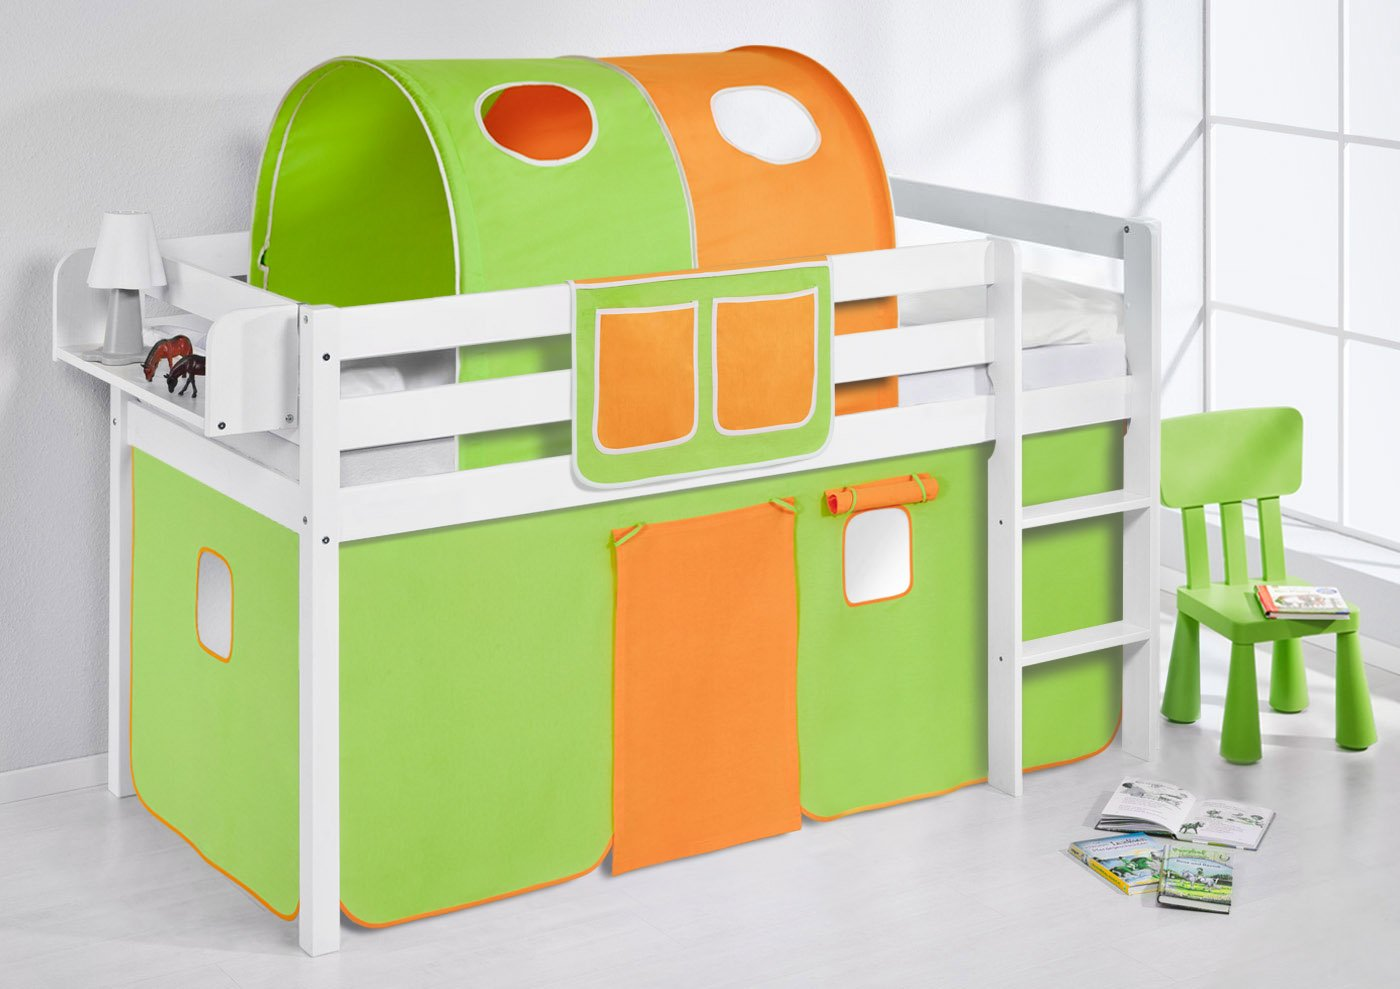 Spielbett JELLE Grün Orange Lilokids Hochbett LILOKIDS weiß mit Vorhang Grün-Orange Weiß kiefer jetzt bestellen